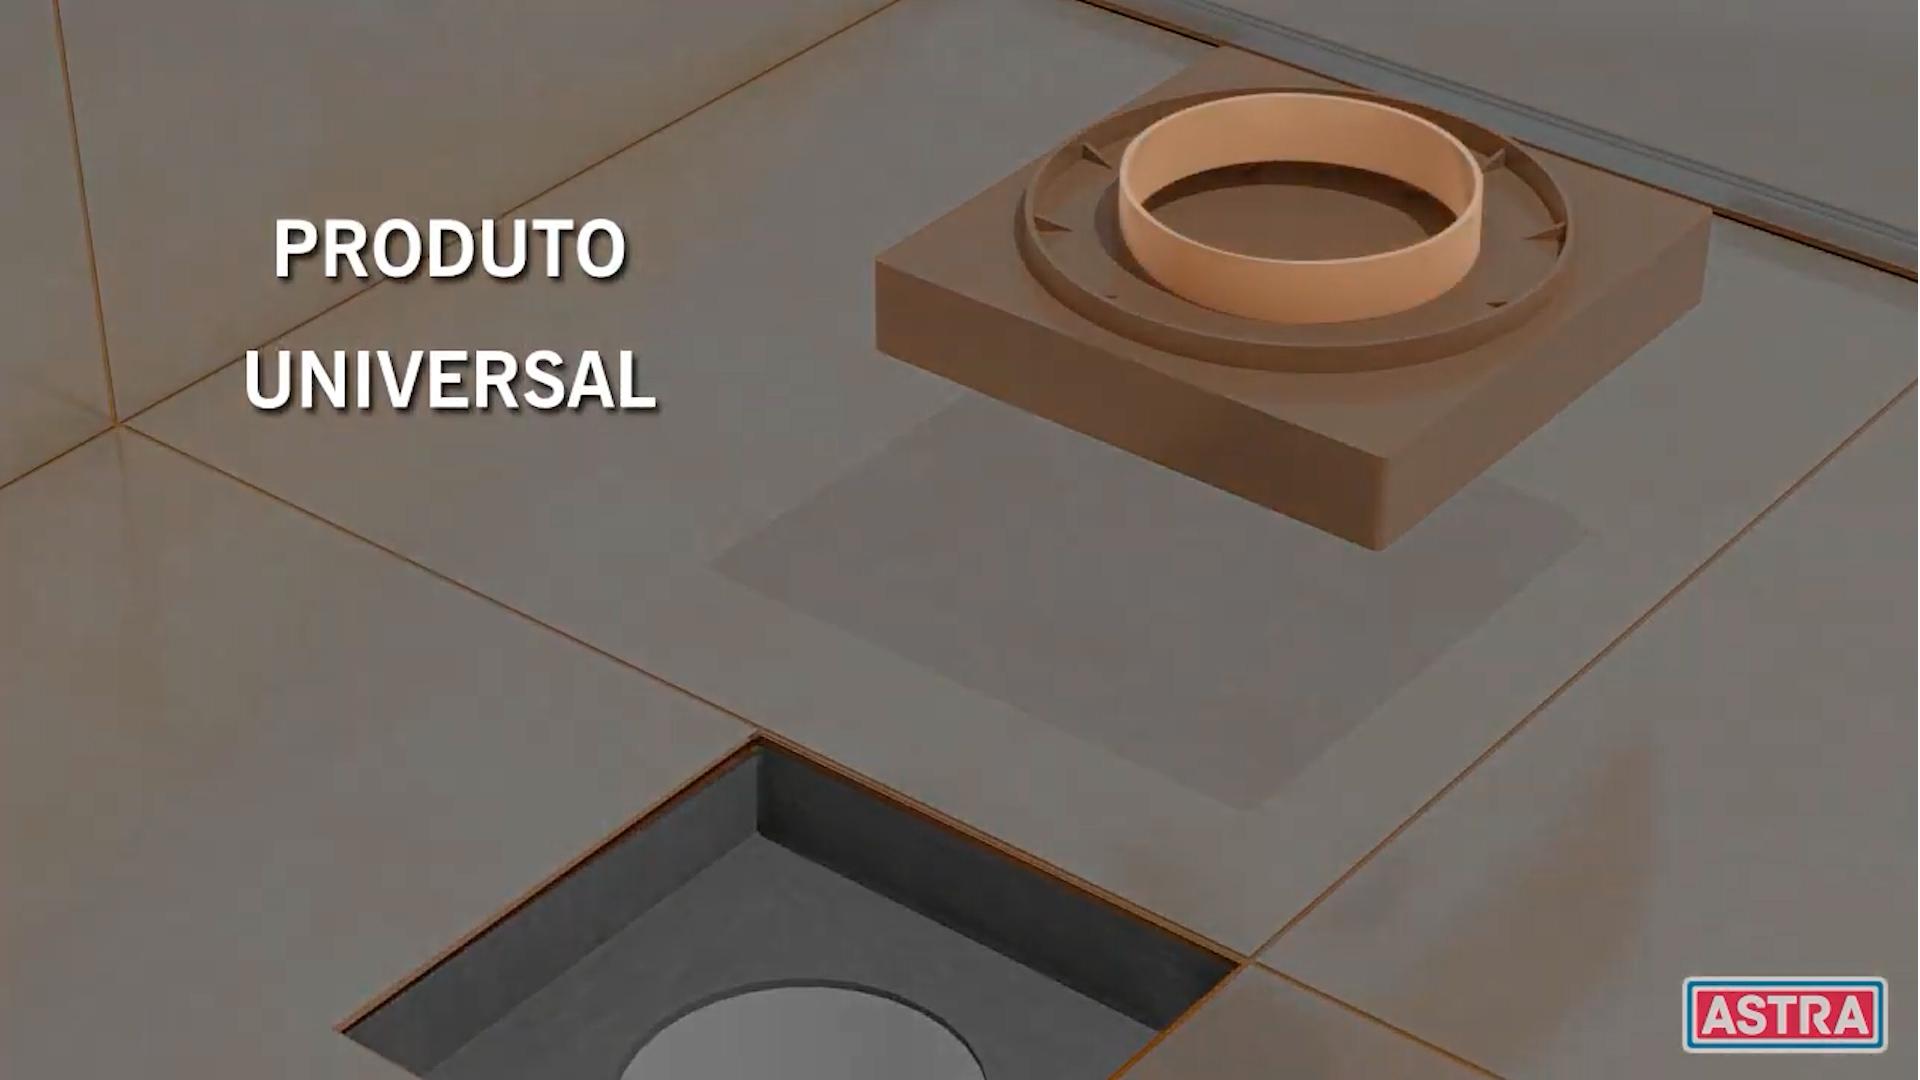 Ralo Oculto invisível 15x15 Universal Bege Astra